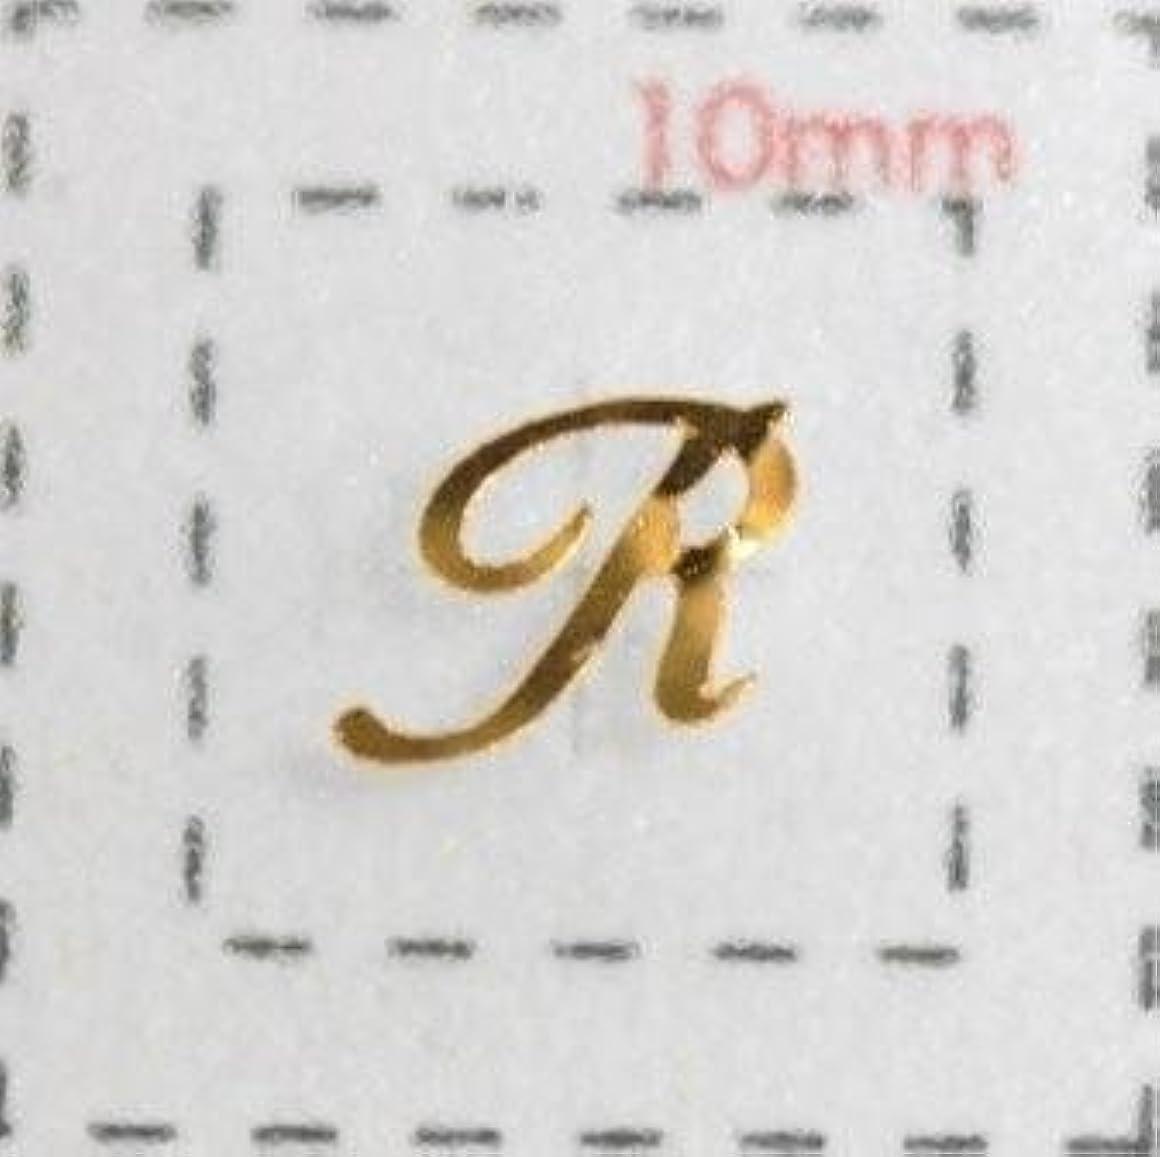 Nameネイルシール【アルファベット?イニシャル】大文字ゴールド( R )1シート9枚入